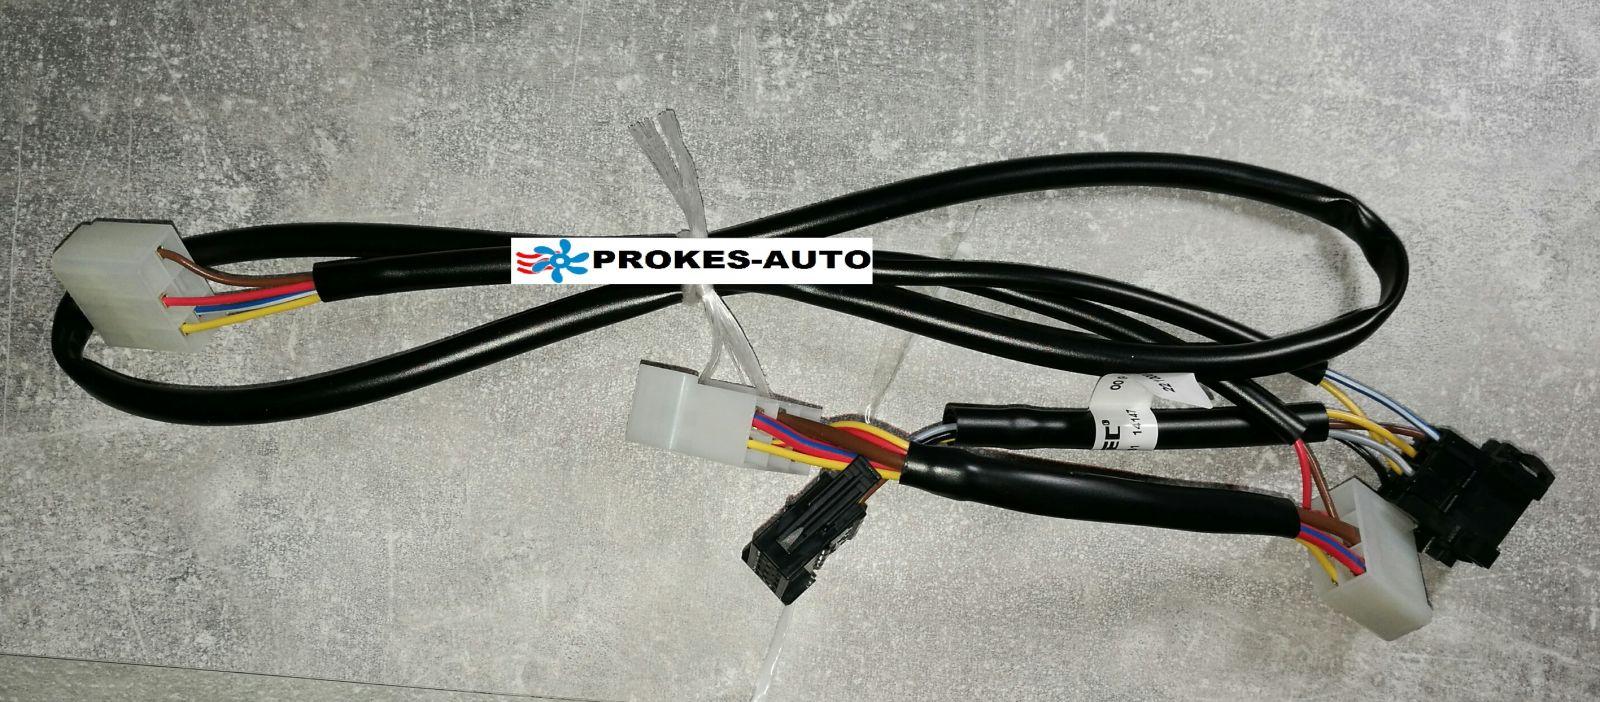 Adaptér diagnostický kabel k topení Hydronic L2 / L 16/24/30/35 - 221000316600 Eberspächer